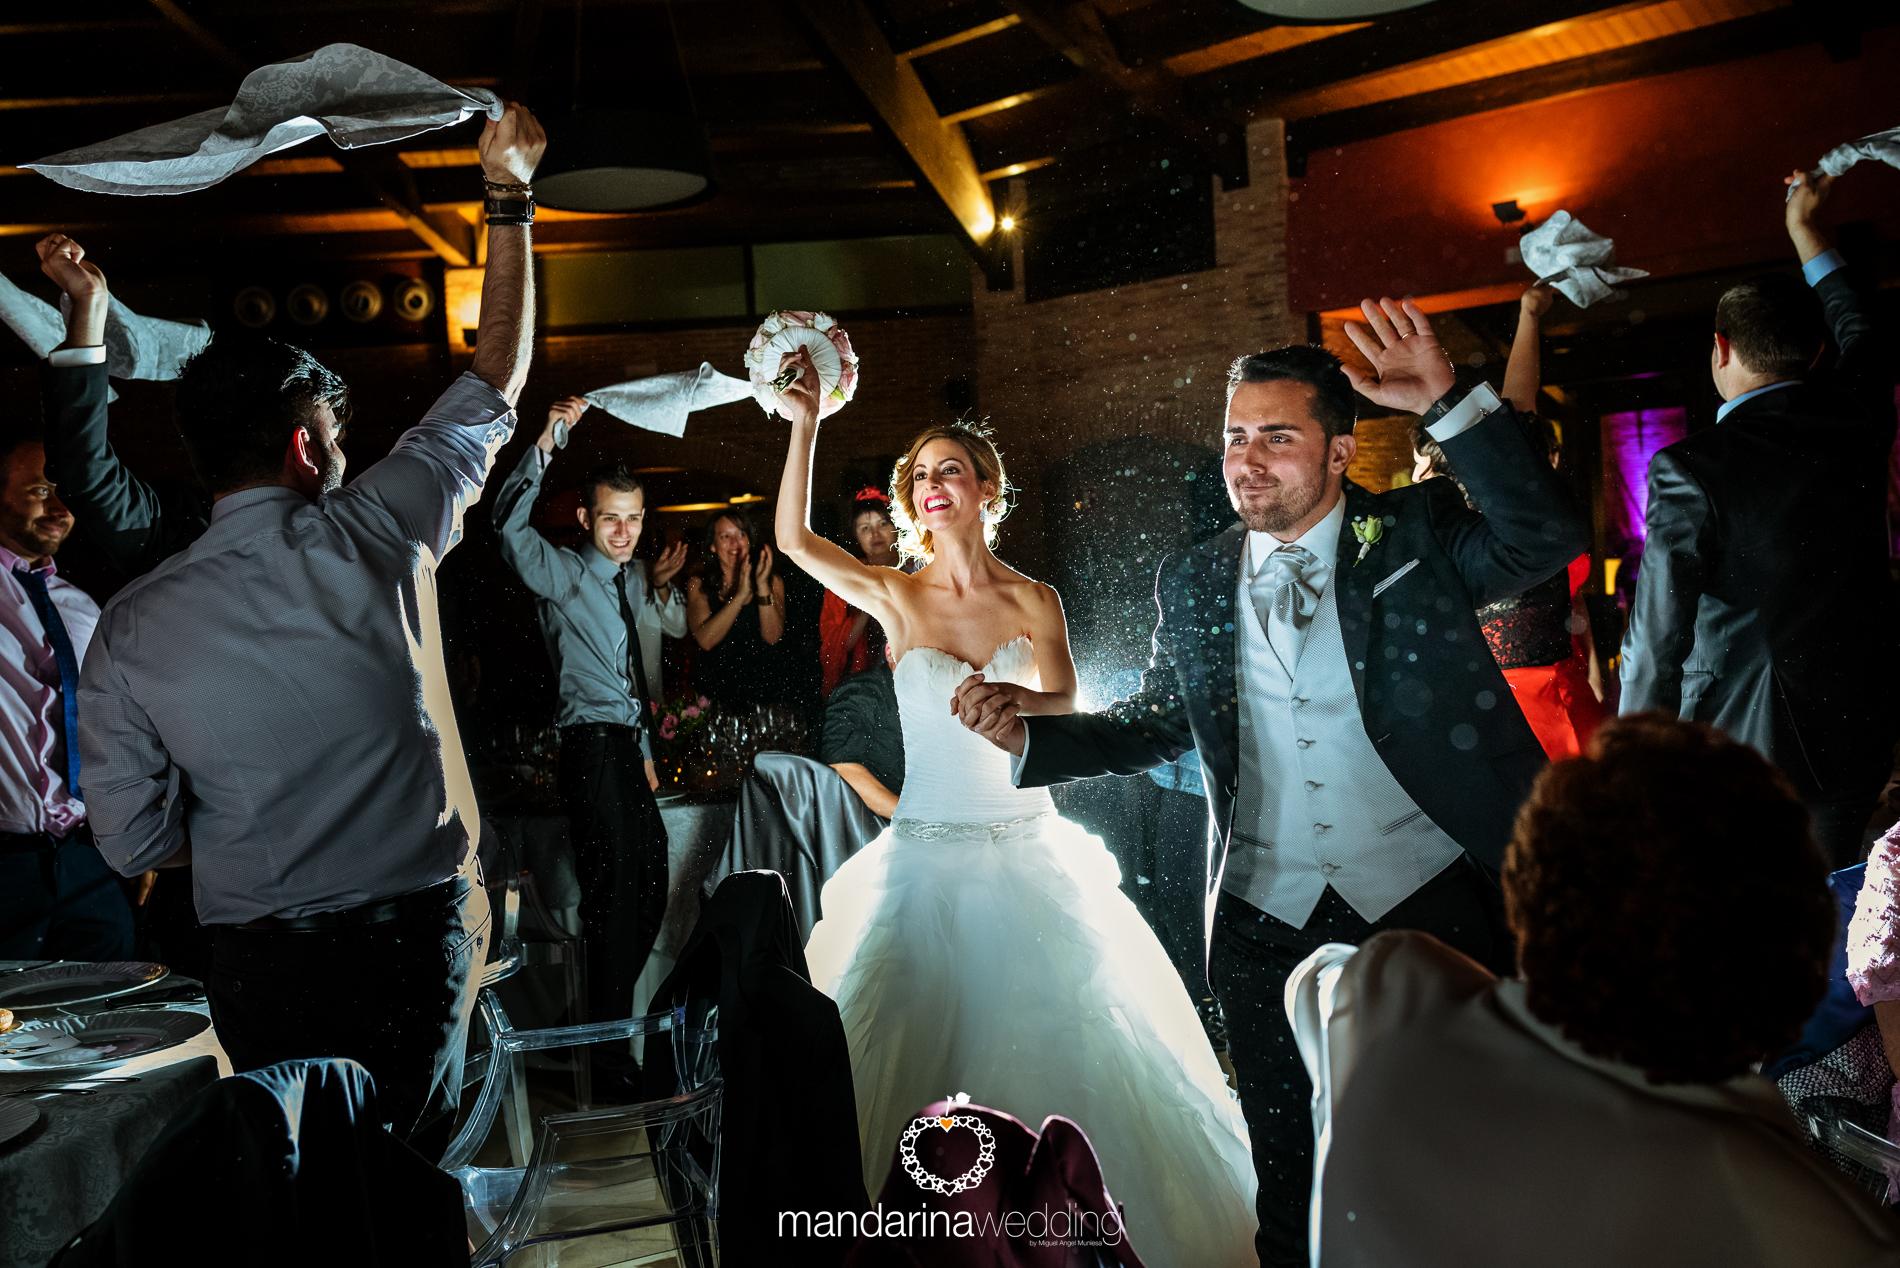 mandarina wedding_31